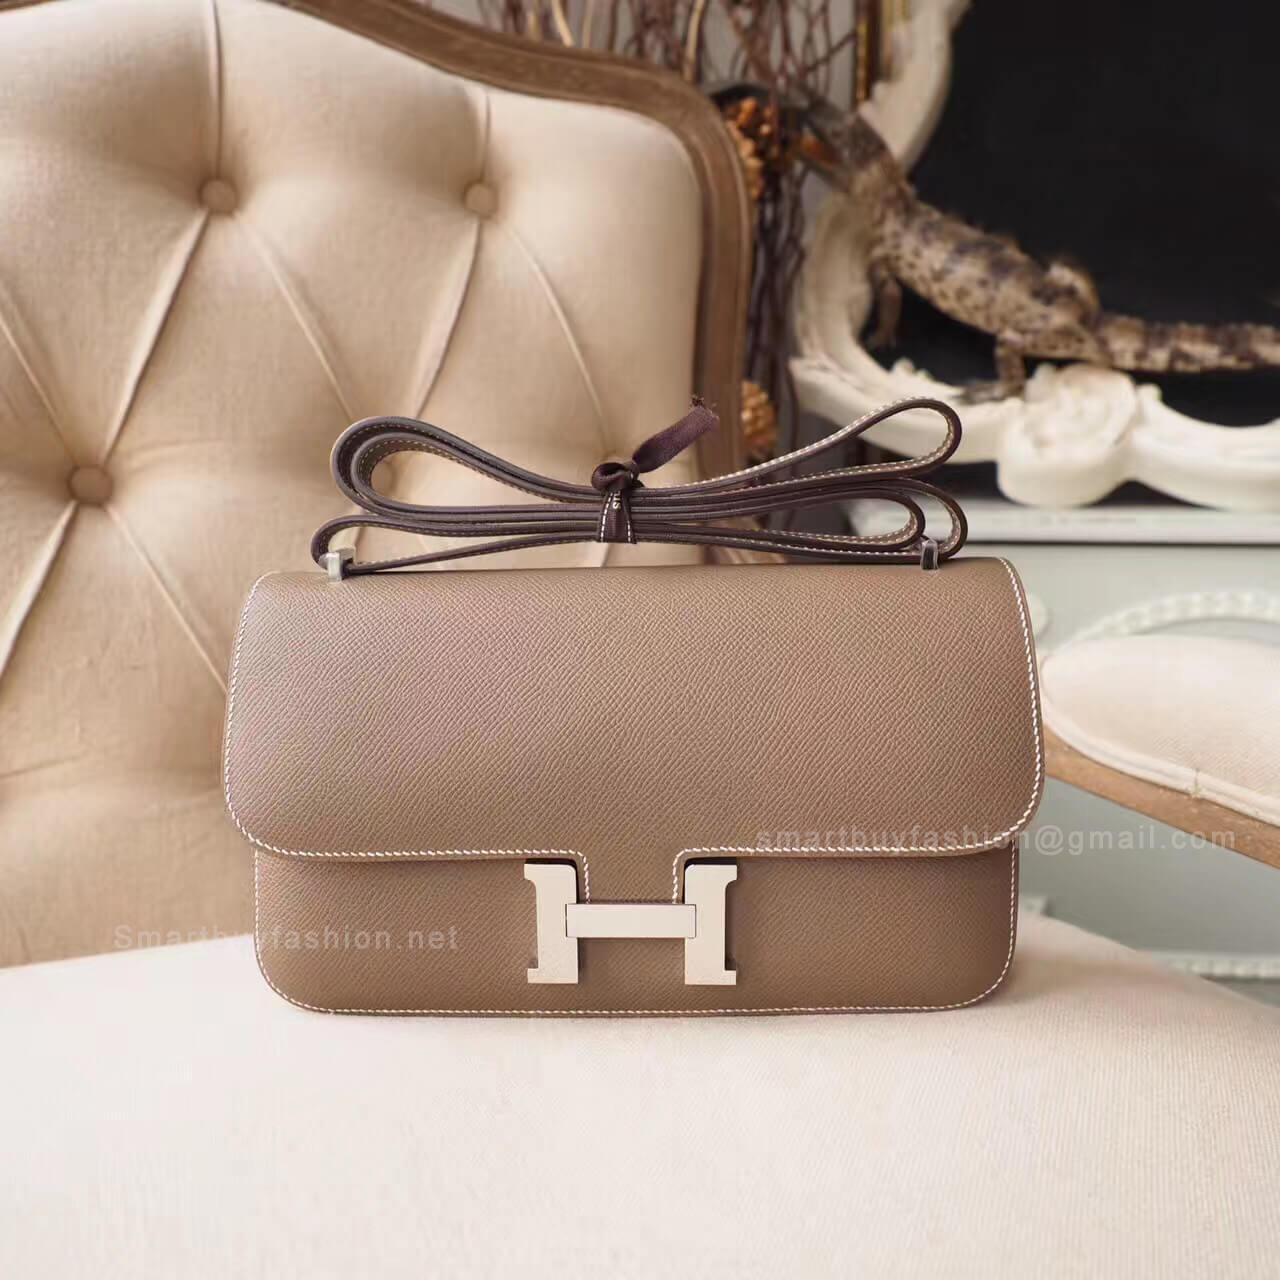 7710ce086e61 Hermes Constance Elan 25 Bag in ck18 Etoupe Epsom PHW